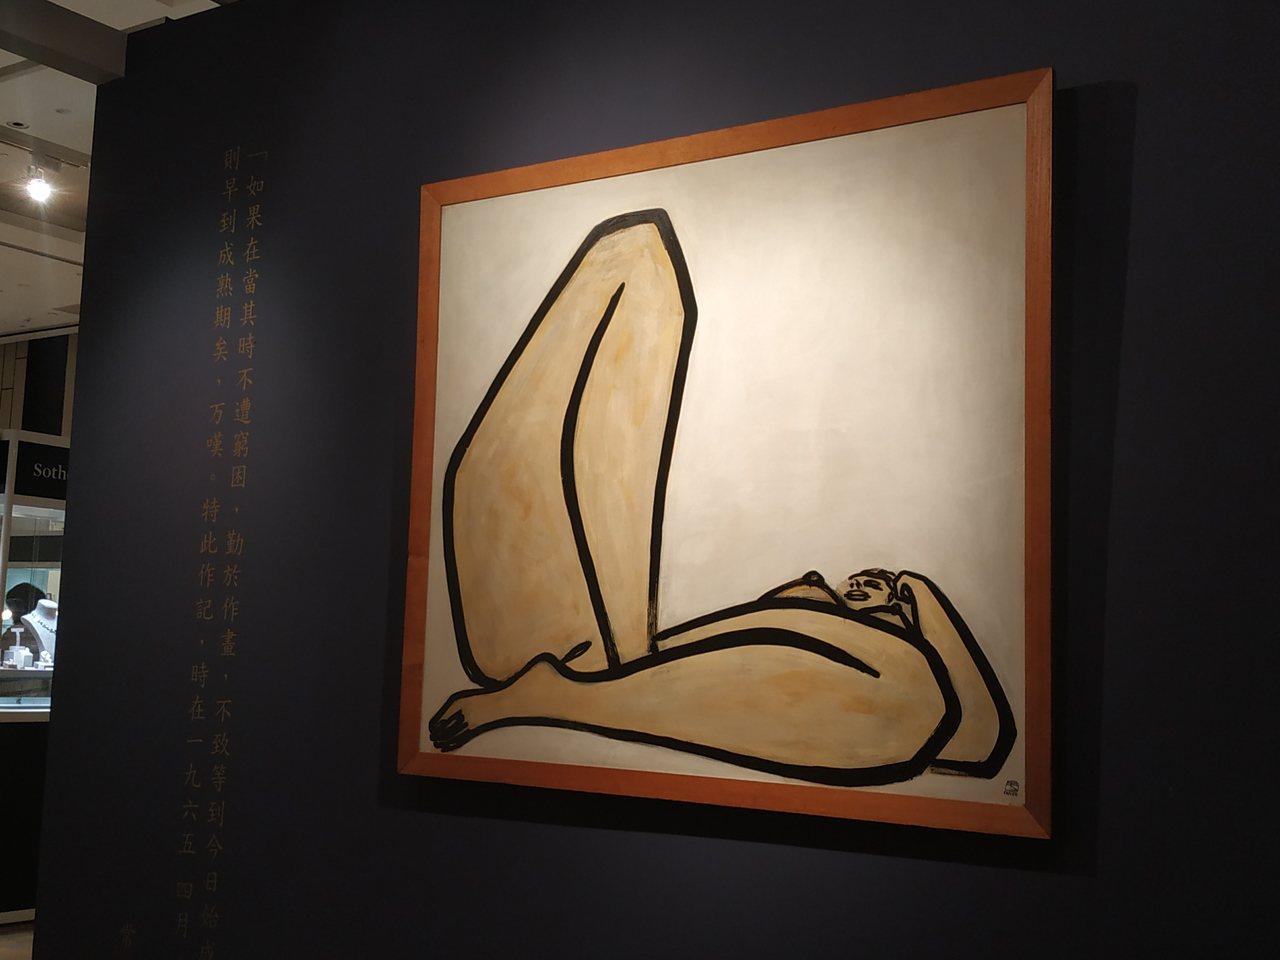 香港蘇富比將於10月5日舉行現代藝術晚拍,藝術家常玉的人生終極巨作,也是他最大的...